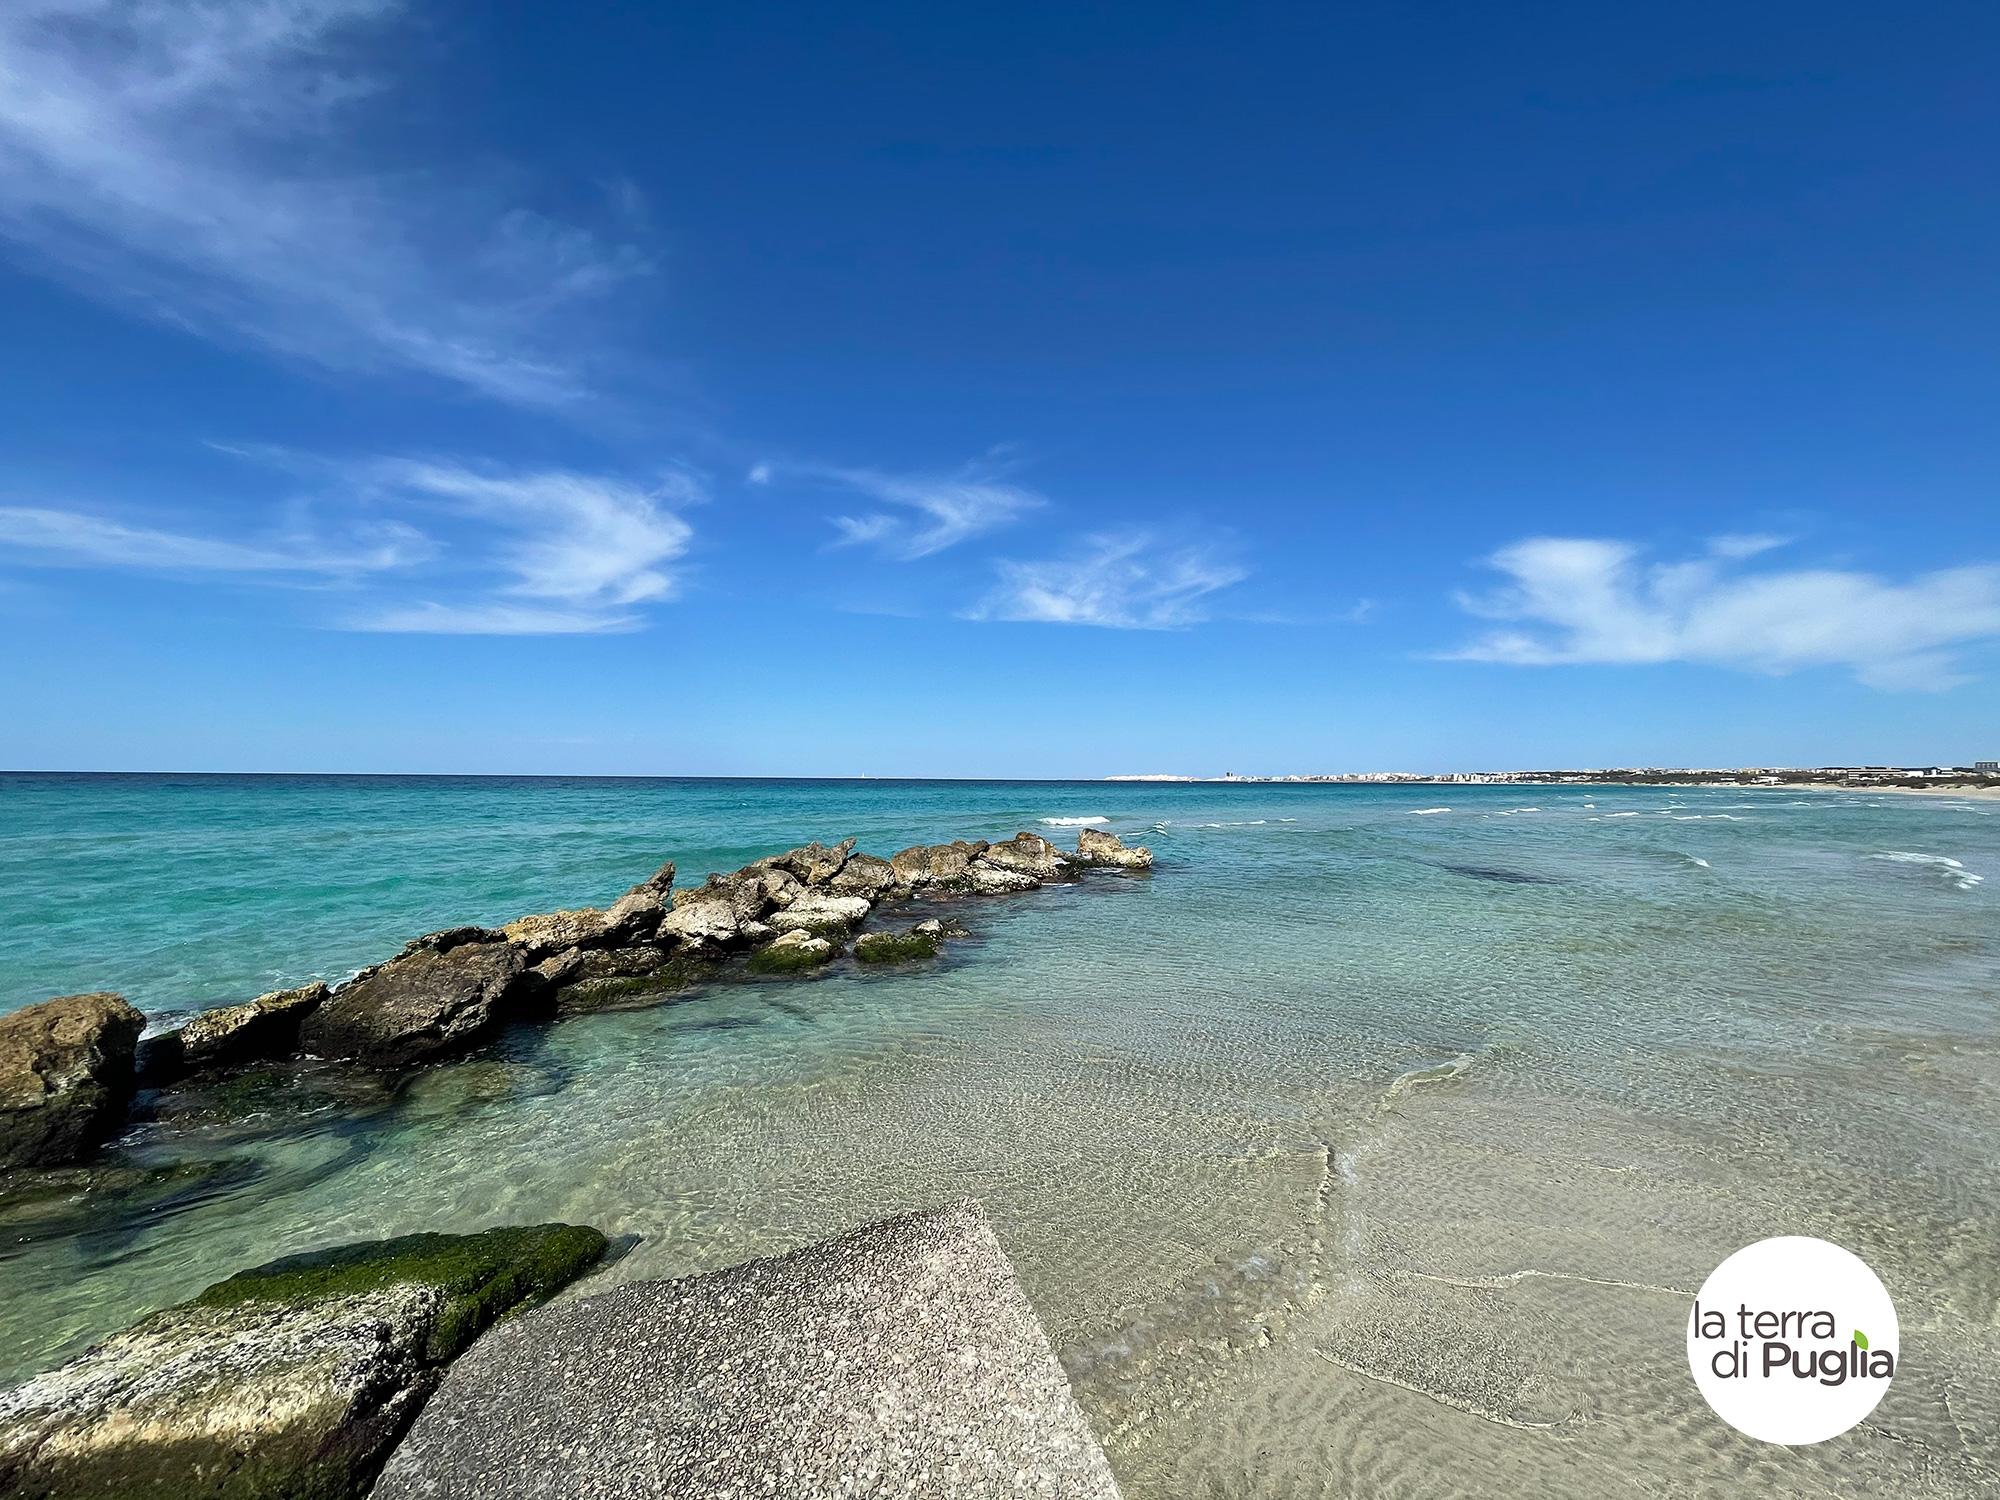 spiaggia-mare-gallipoli-puglia-salento-1